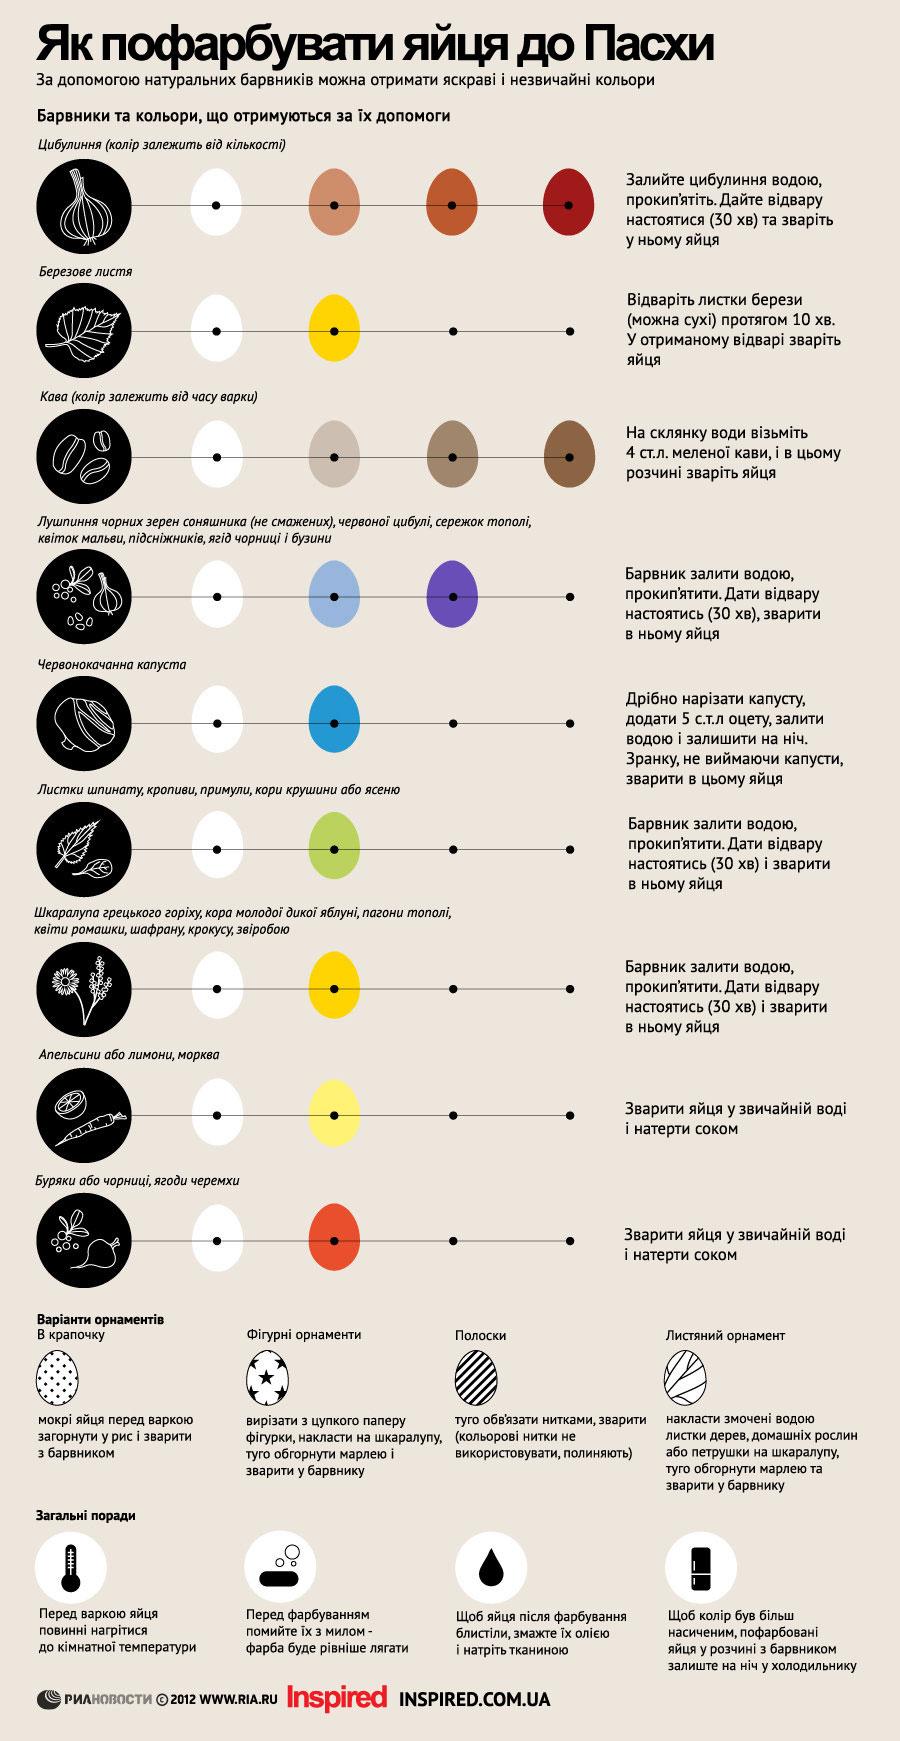 Як пофарбувати яйця до Пасхи